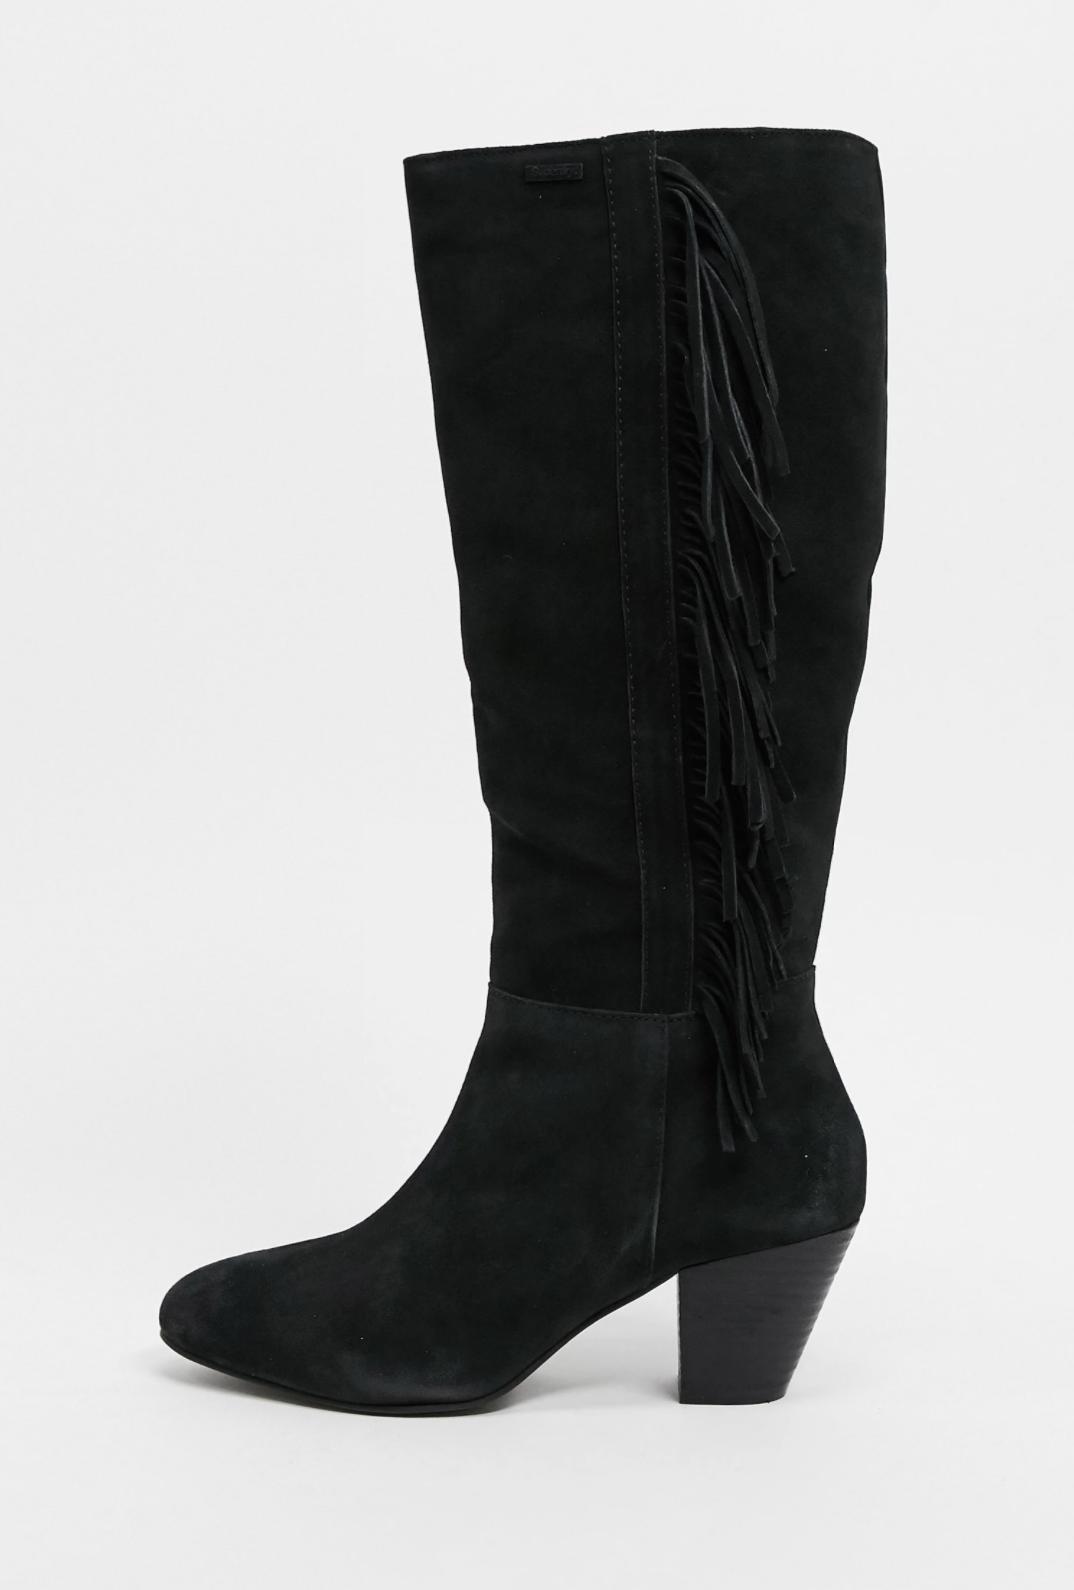 Botas altas de ante negro con borlas memephis de Superdry